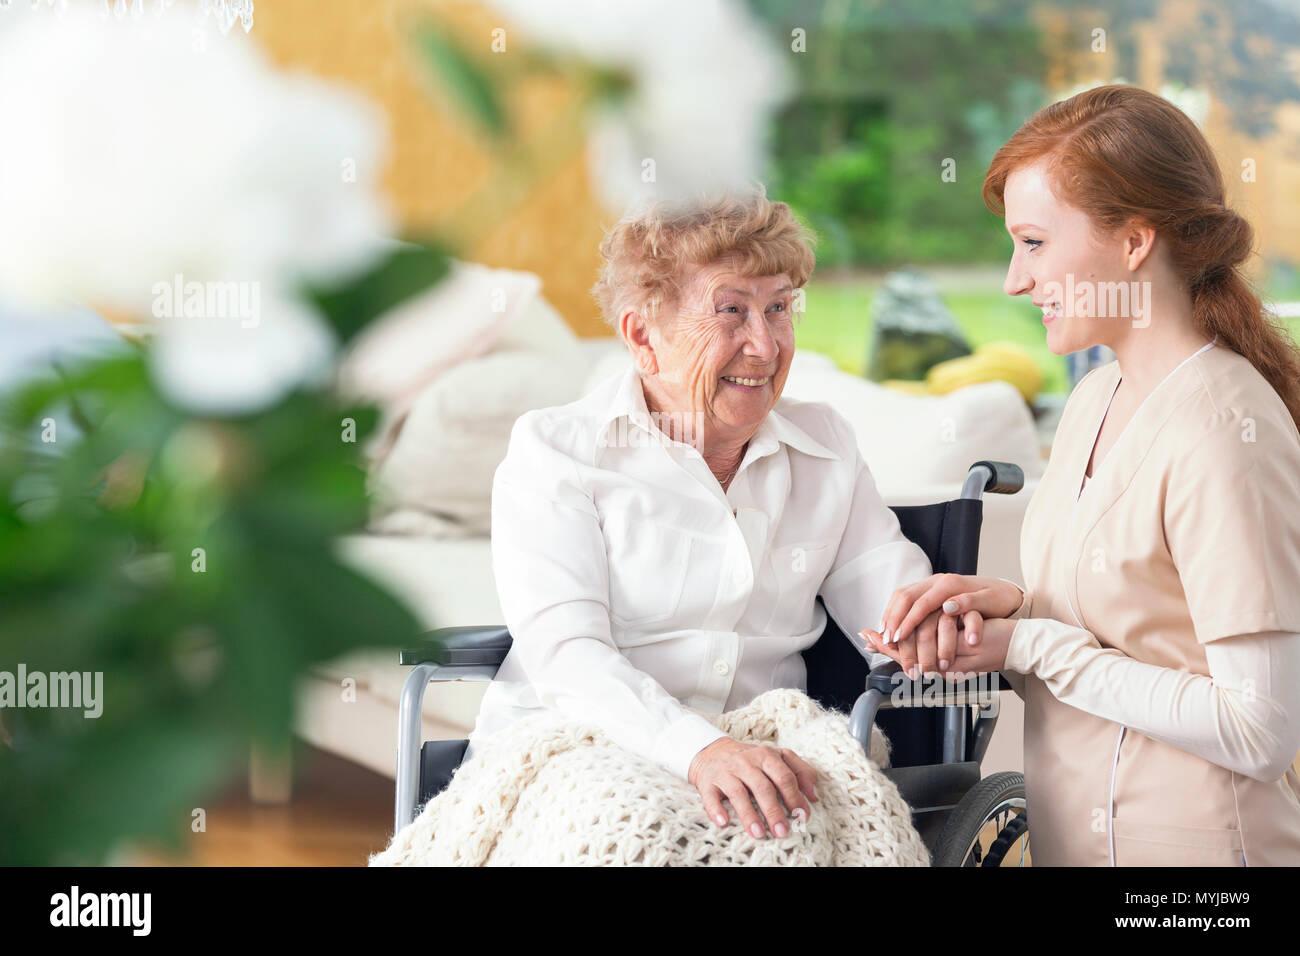 Dating einer Krankenschwester ist wie die Lotterie zu gewinnen Online-Dating männliches Modell